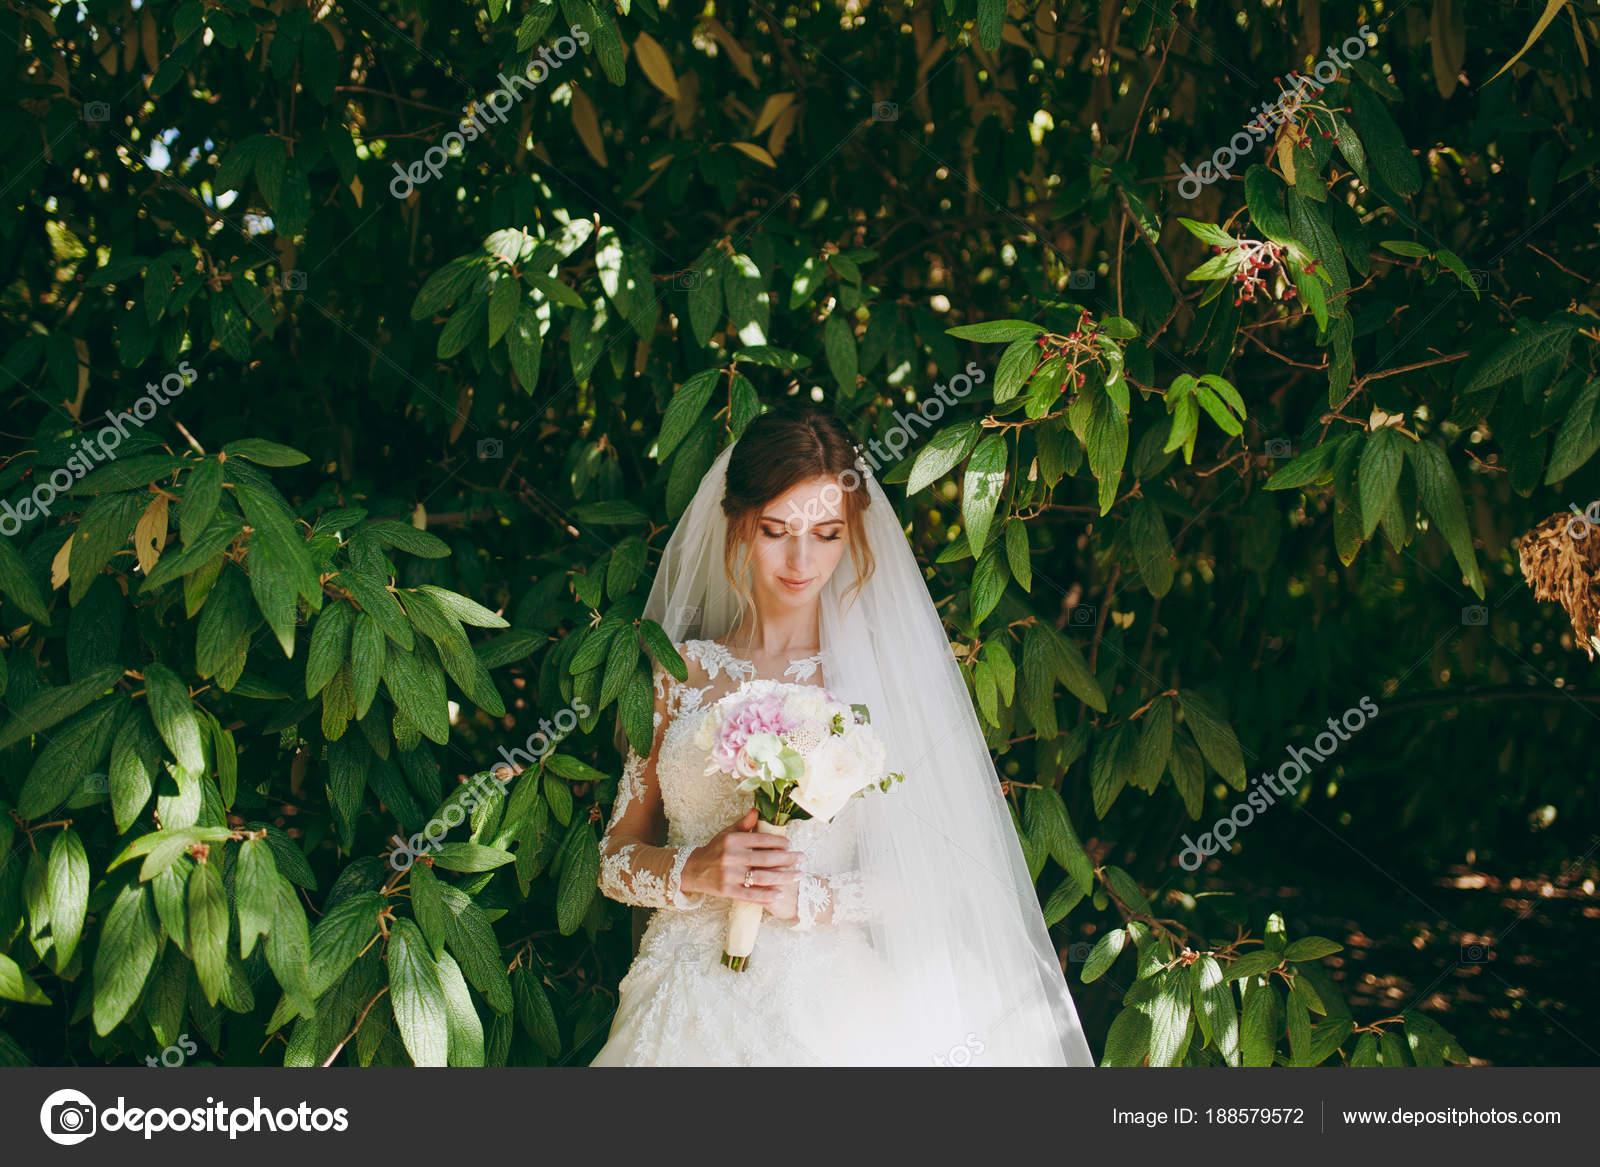 fe2675f72f Bel matrimonio photosession. Giovane sposa sorridente carina tenera ...